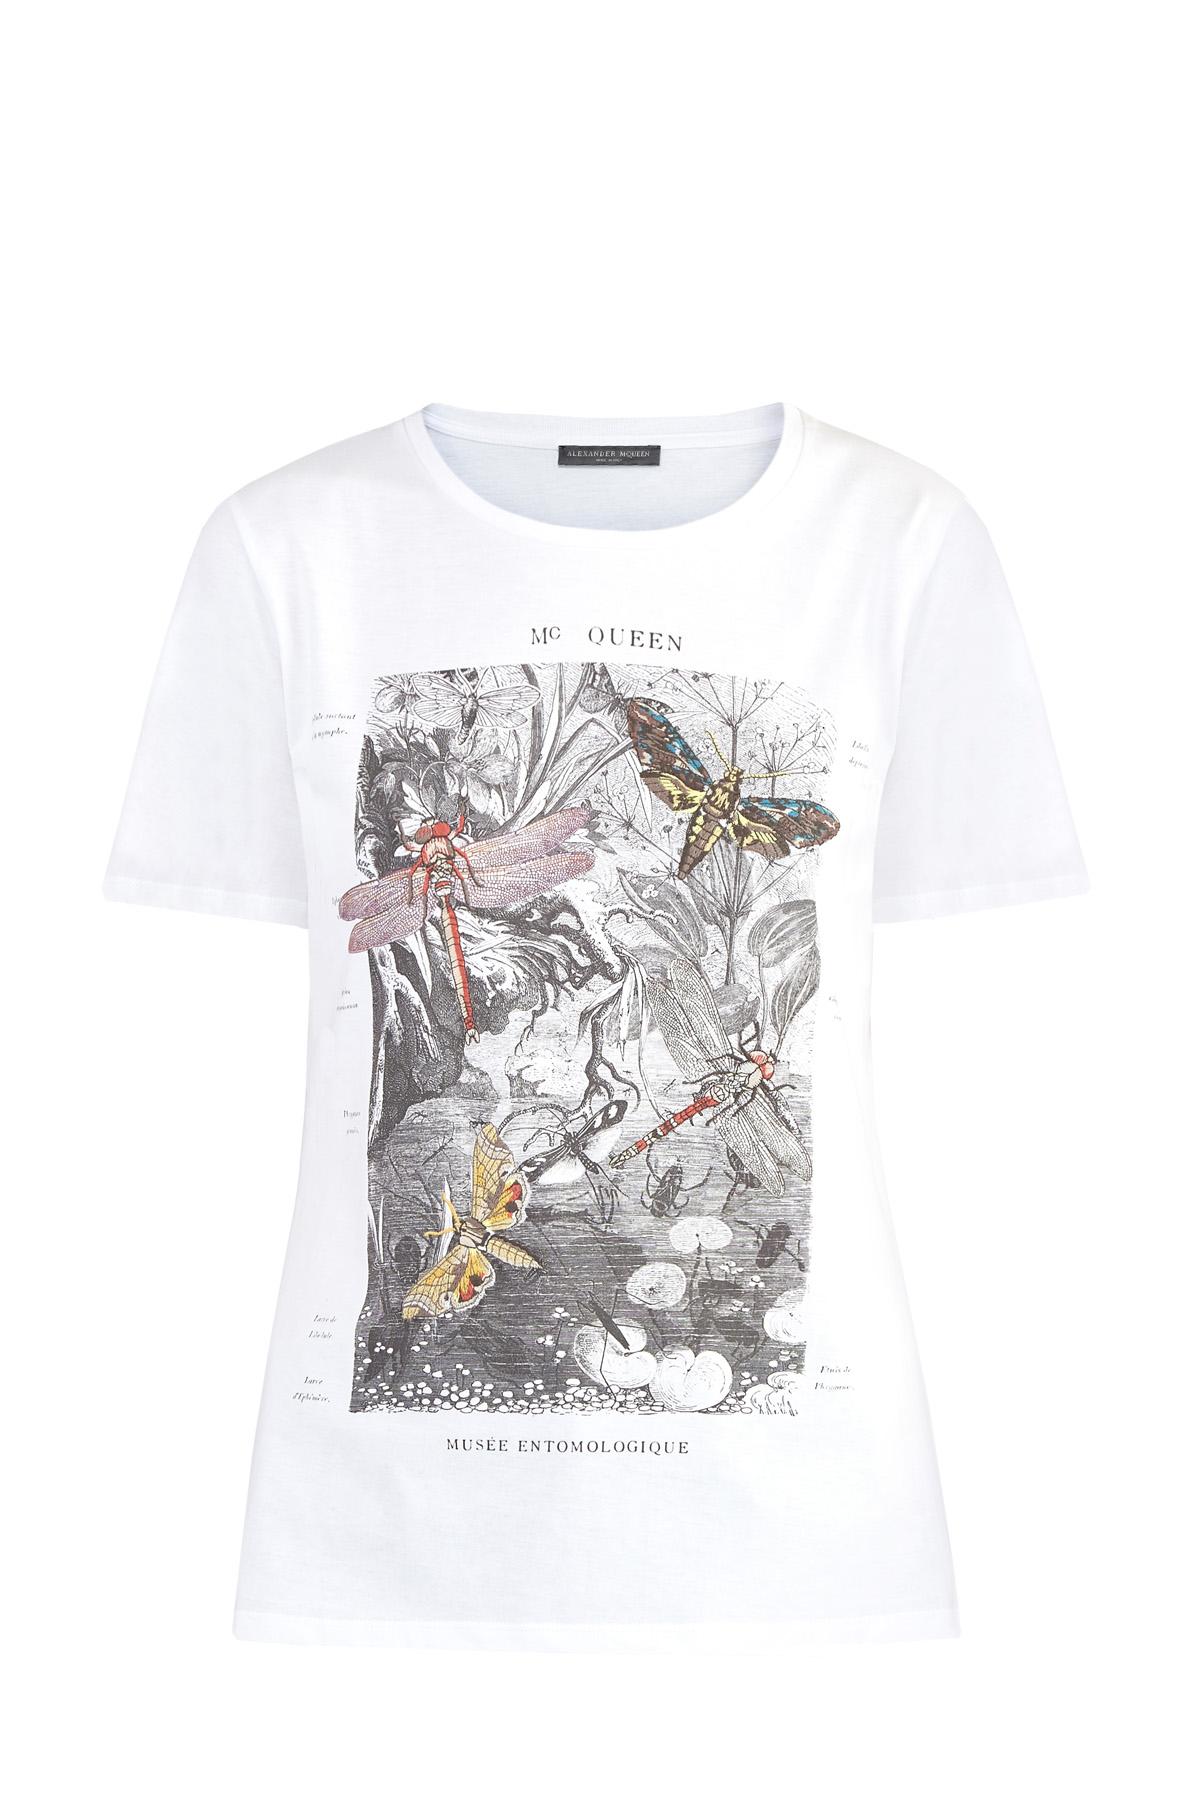 Купить Базовая футболка из джерси с принтом Musee Entomologique, ALEXANDER MCQUEEN, Италия, хлопок 100%